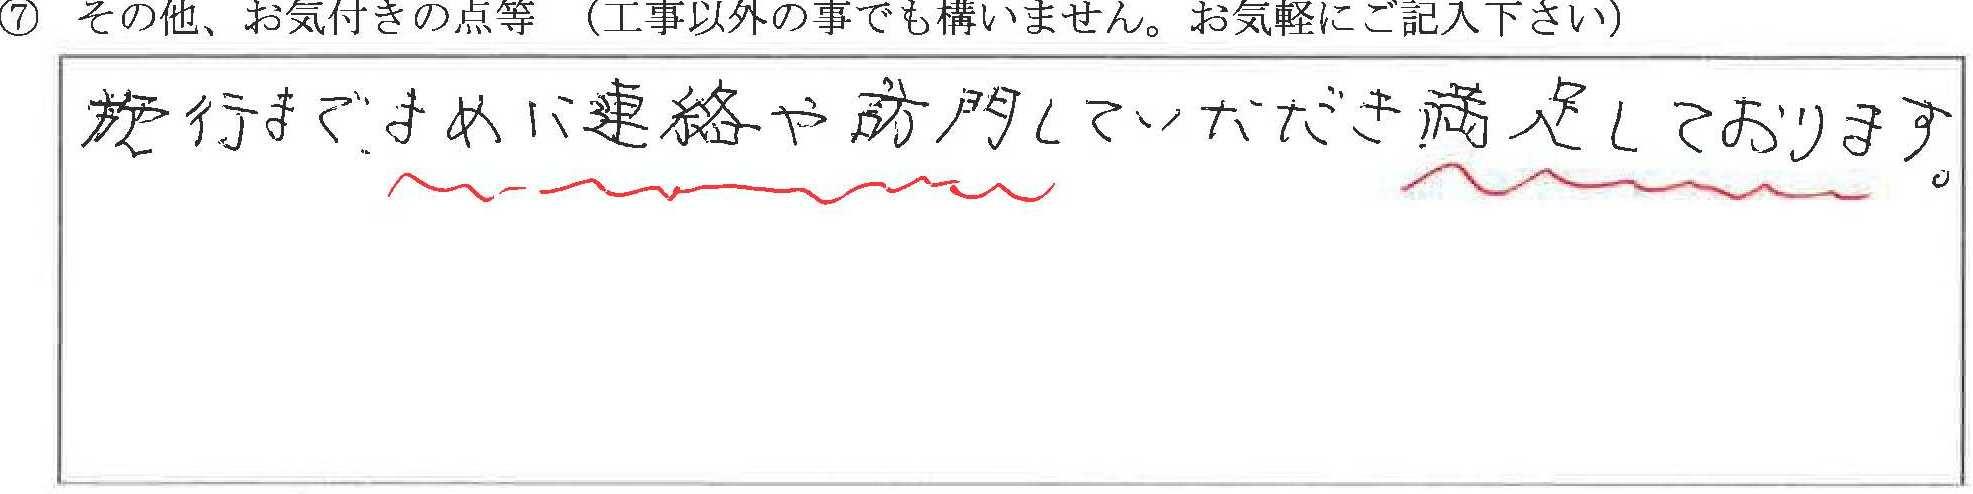 富山県富山市I様に頂いたサンルーム補修工事についてのお気づきの点がありましたら、お聞かせ下さい。というご質問について「サンルーム【お喜びの声】」というお声についての画像